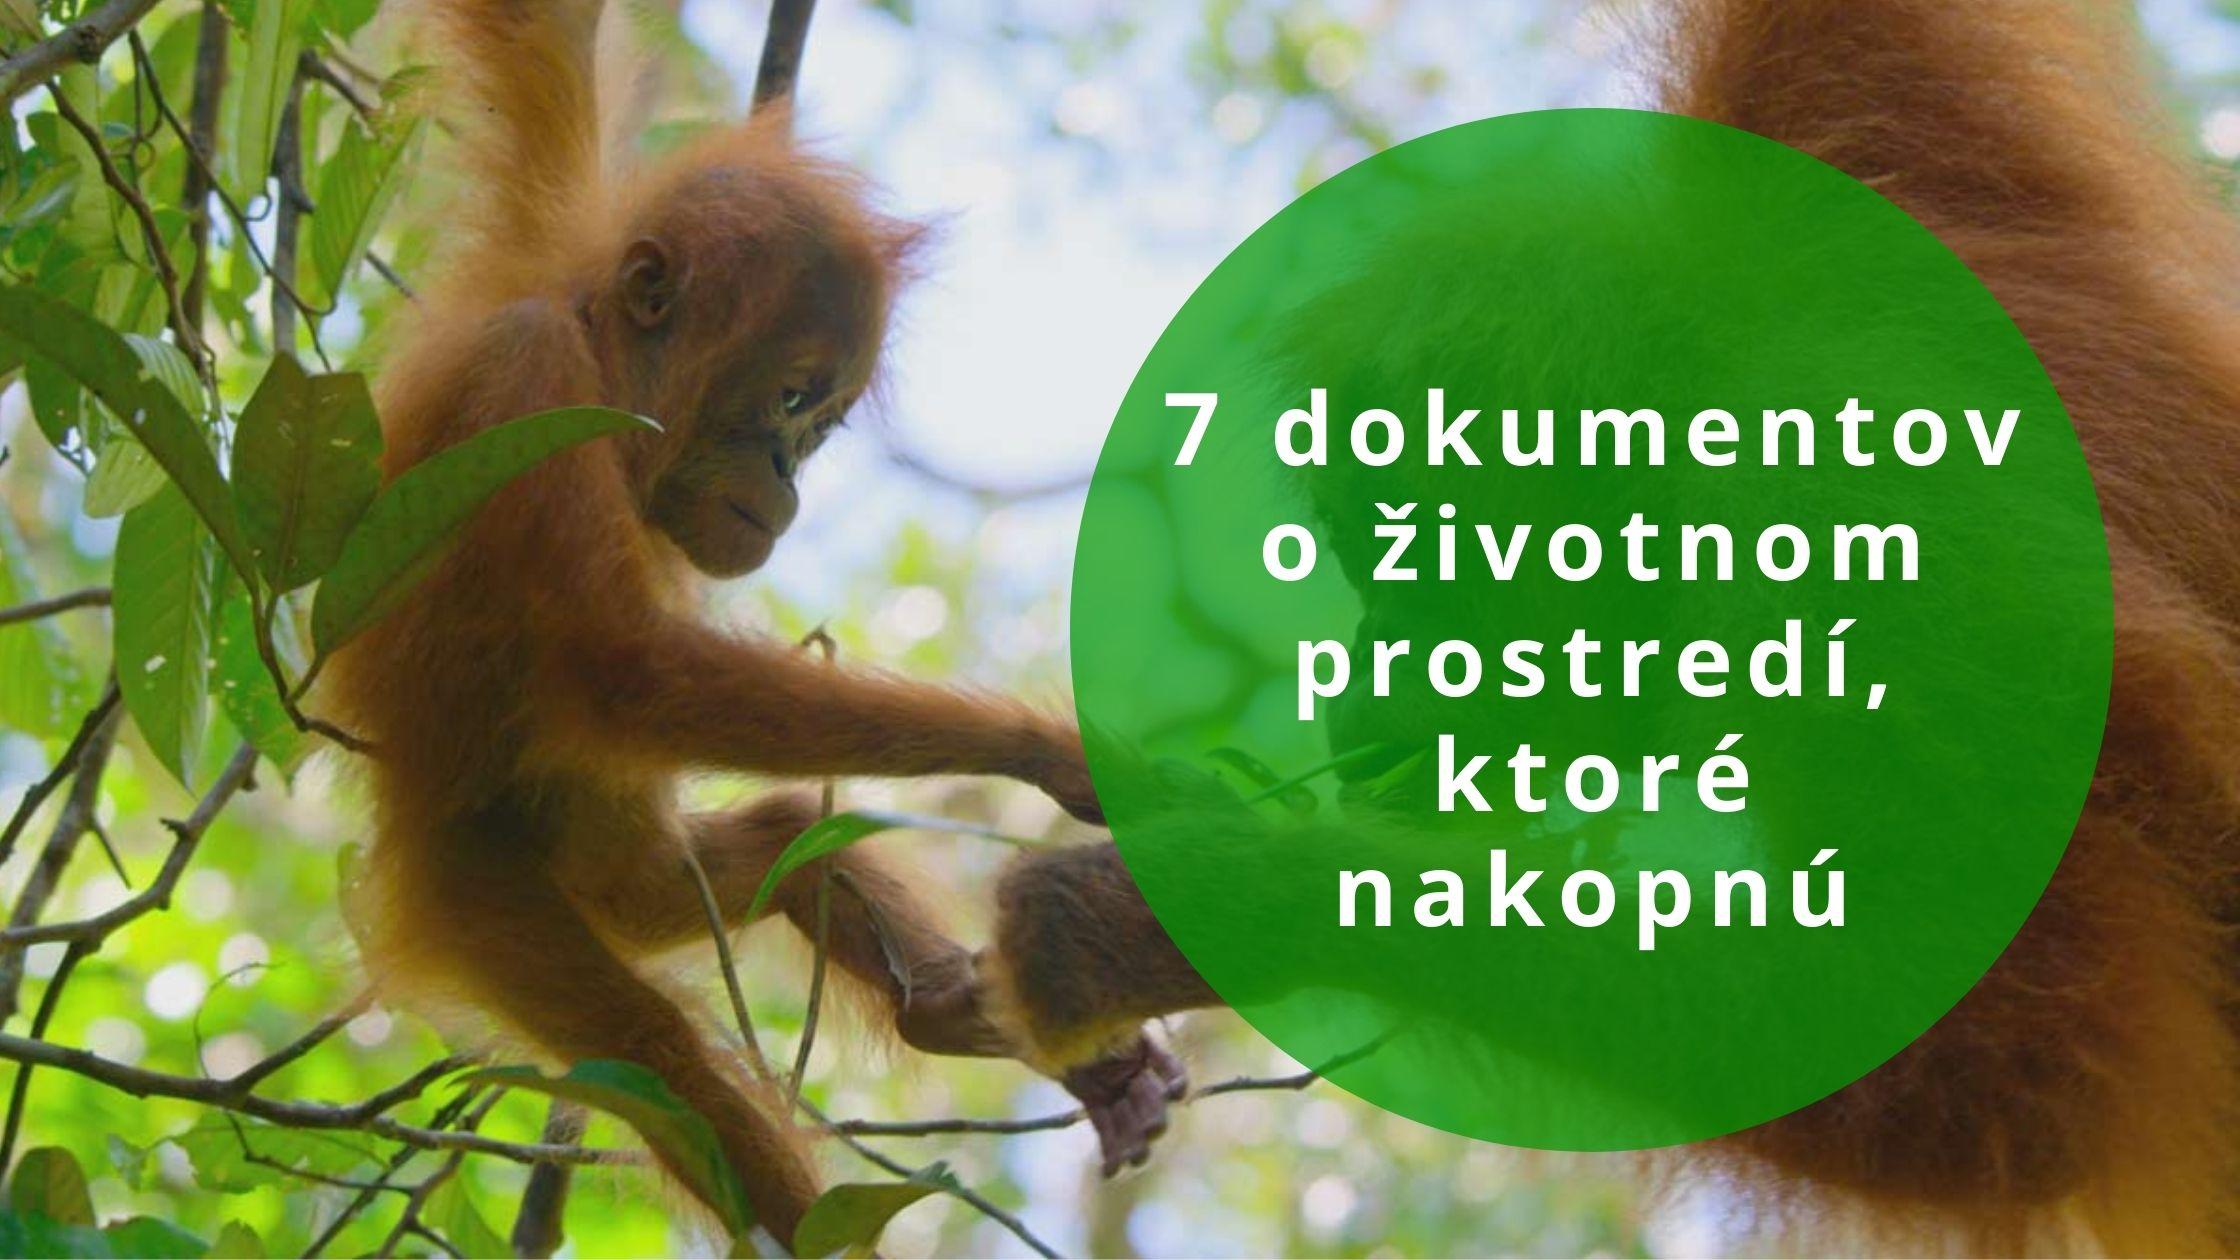 7 dokumentov o životnom prostredí, ktoré nakopnú